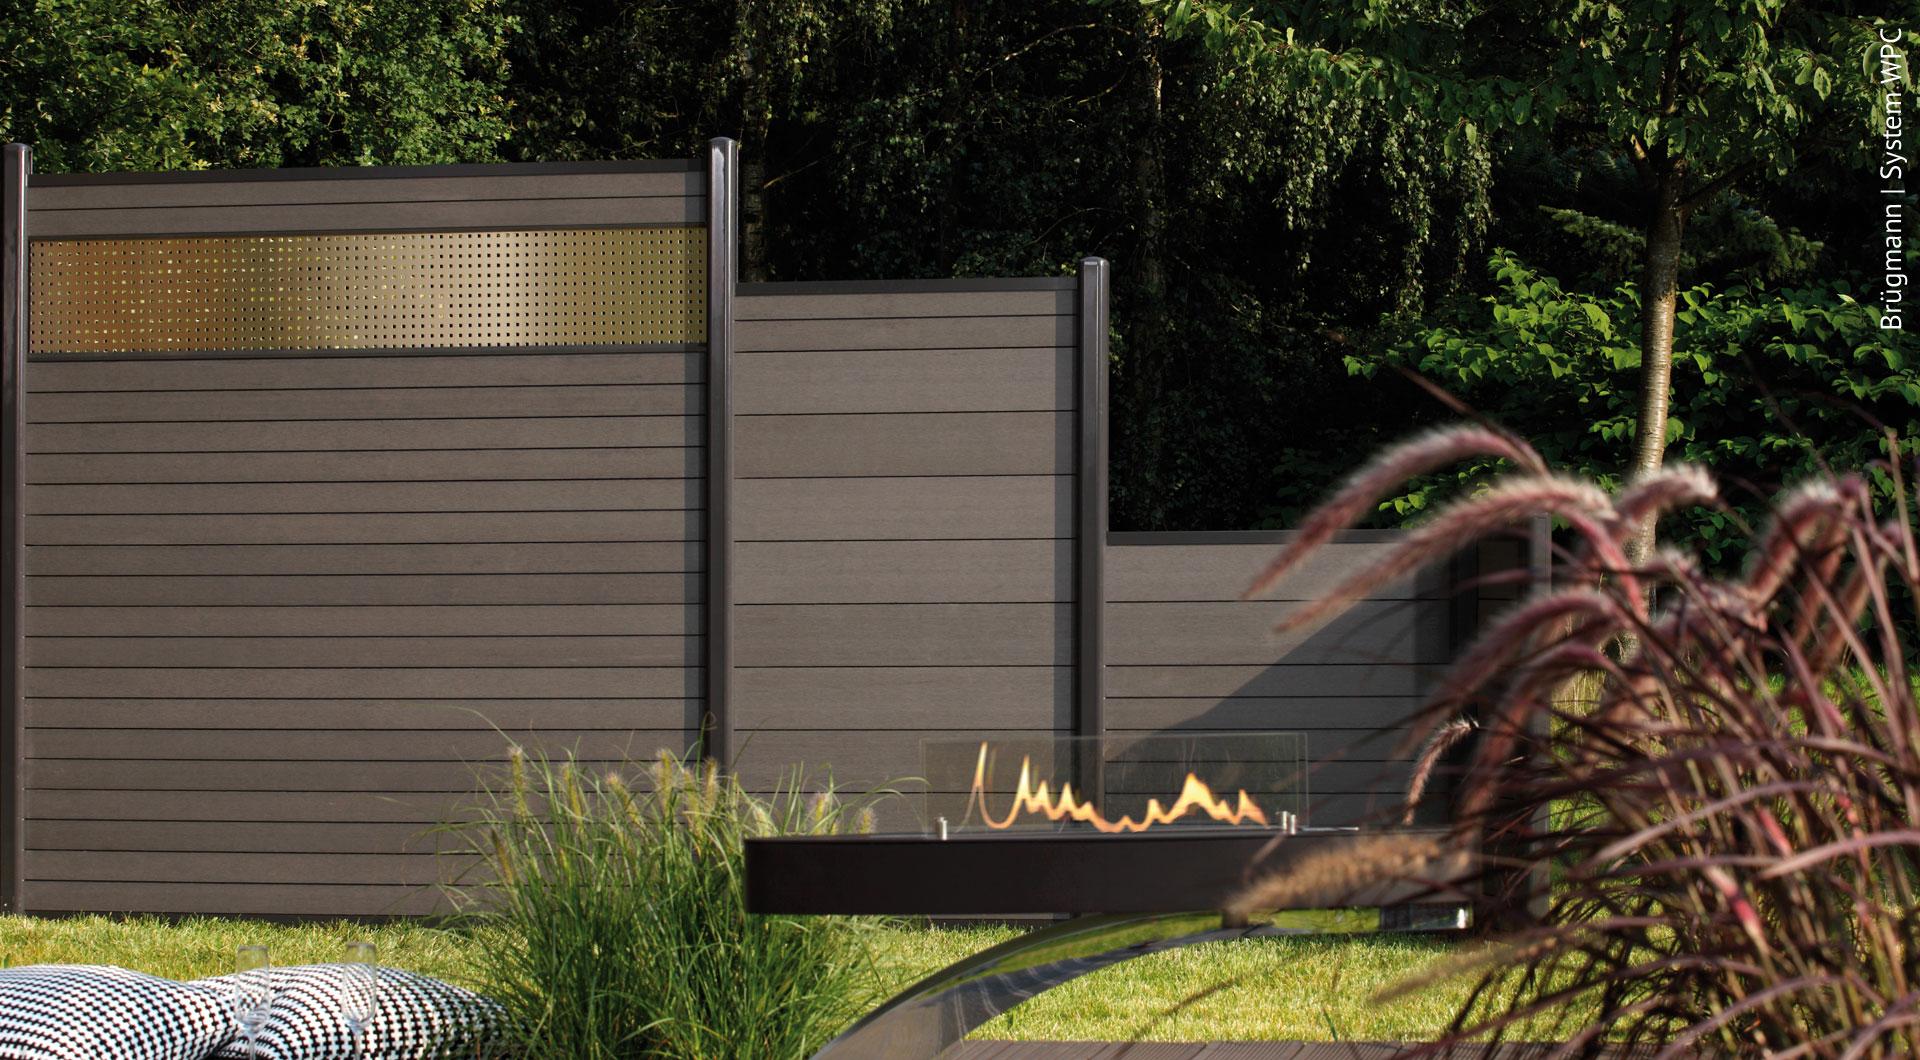 Full Size of Garten Trennwände Wpc Zune Der Sichtschutz Ohne Pflegeaufwand Holz Roeren Gmbh Sonnenschutz Schallschutz Gewächshaus Wasserbrunnen Spielanlage Rattanmöbel Wohnzimmer Garten Trennwände